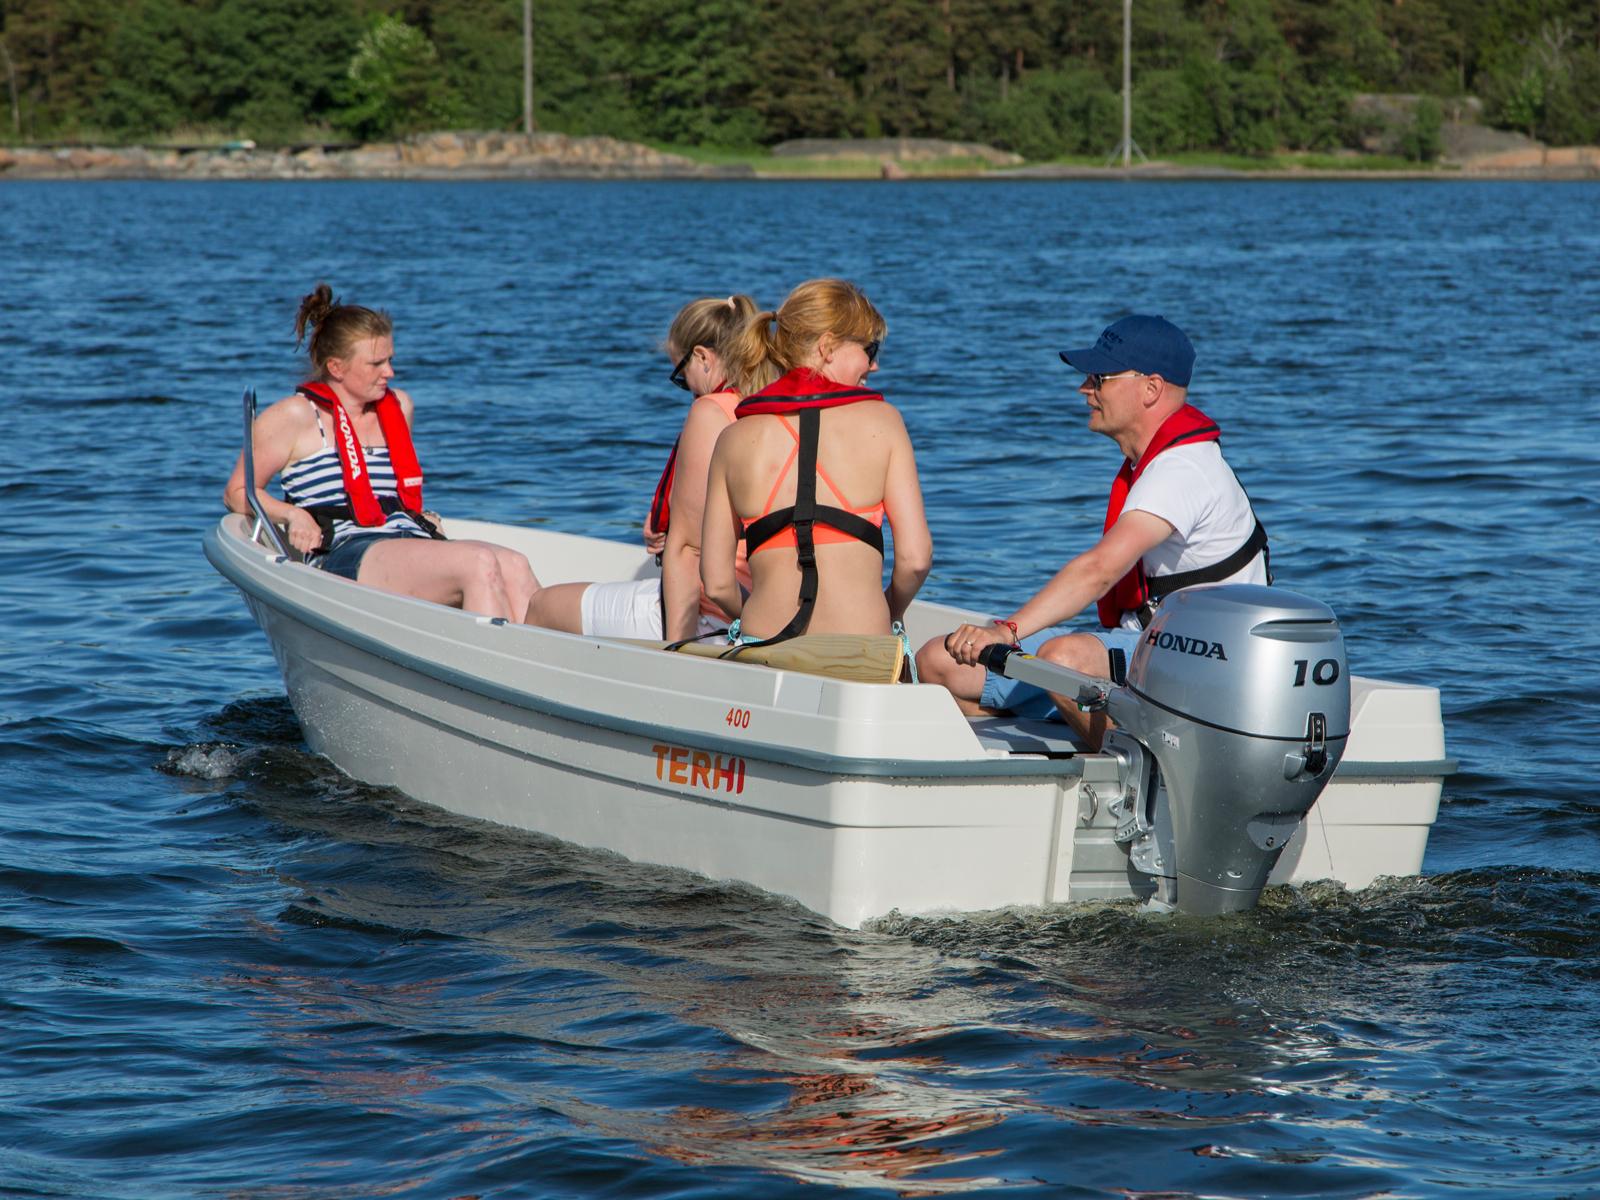 лодка terhi характеристики